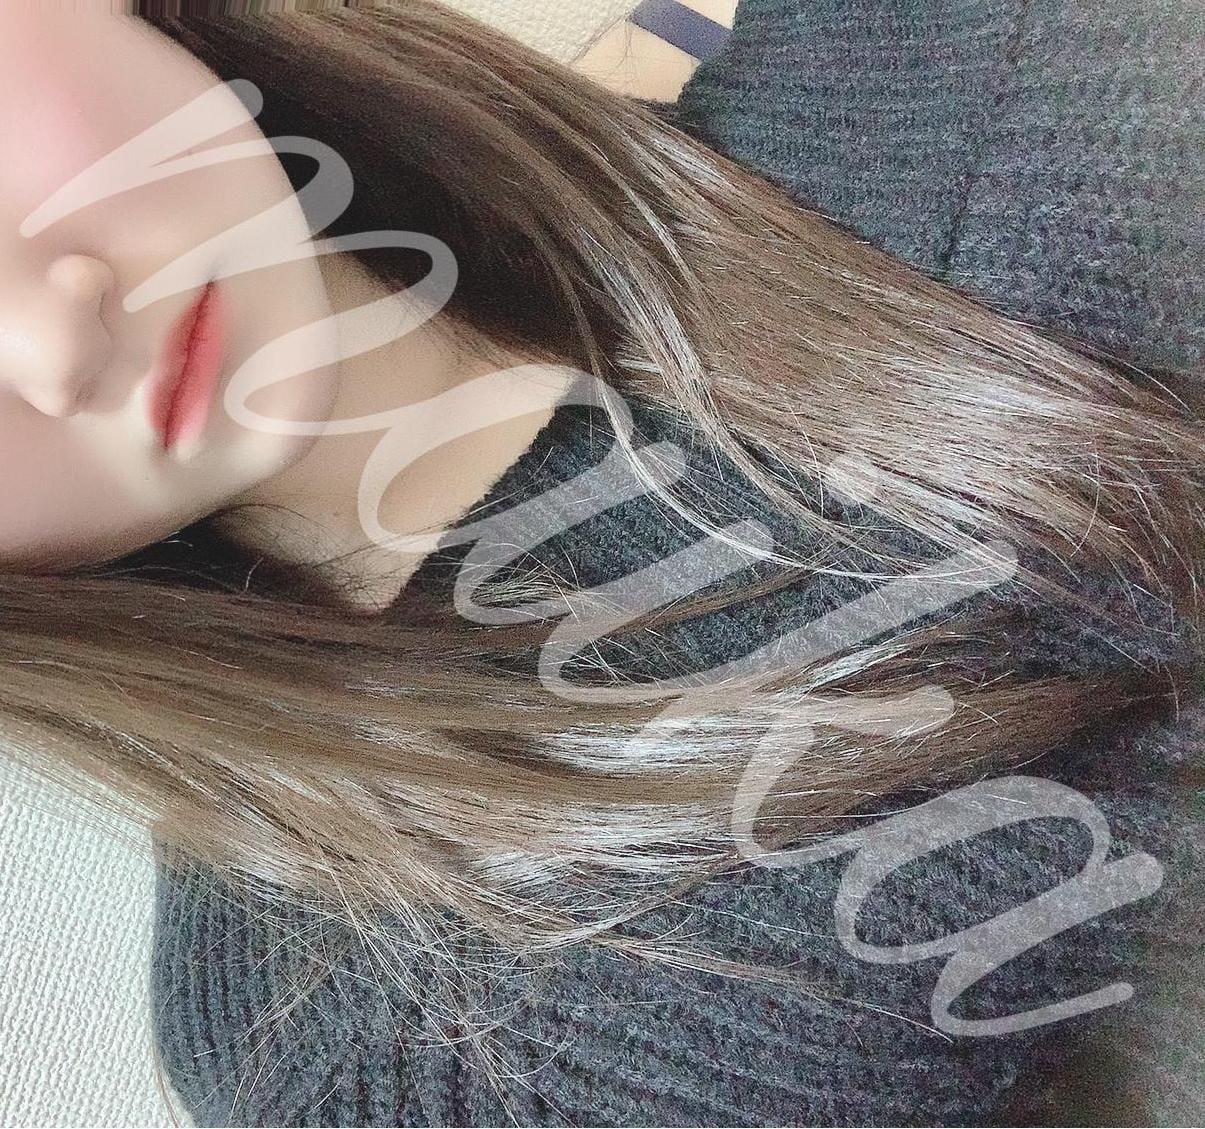 「シェーナのお兄様??」01/17(01/17) 23:17 | まいかの写メ・風俗動画